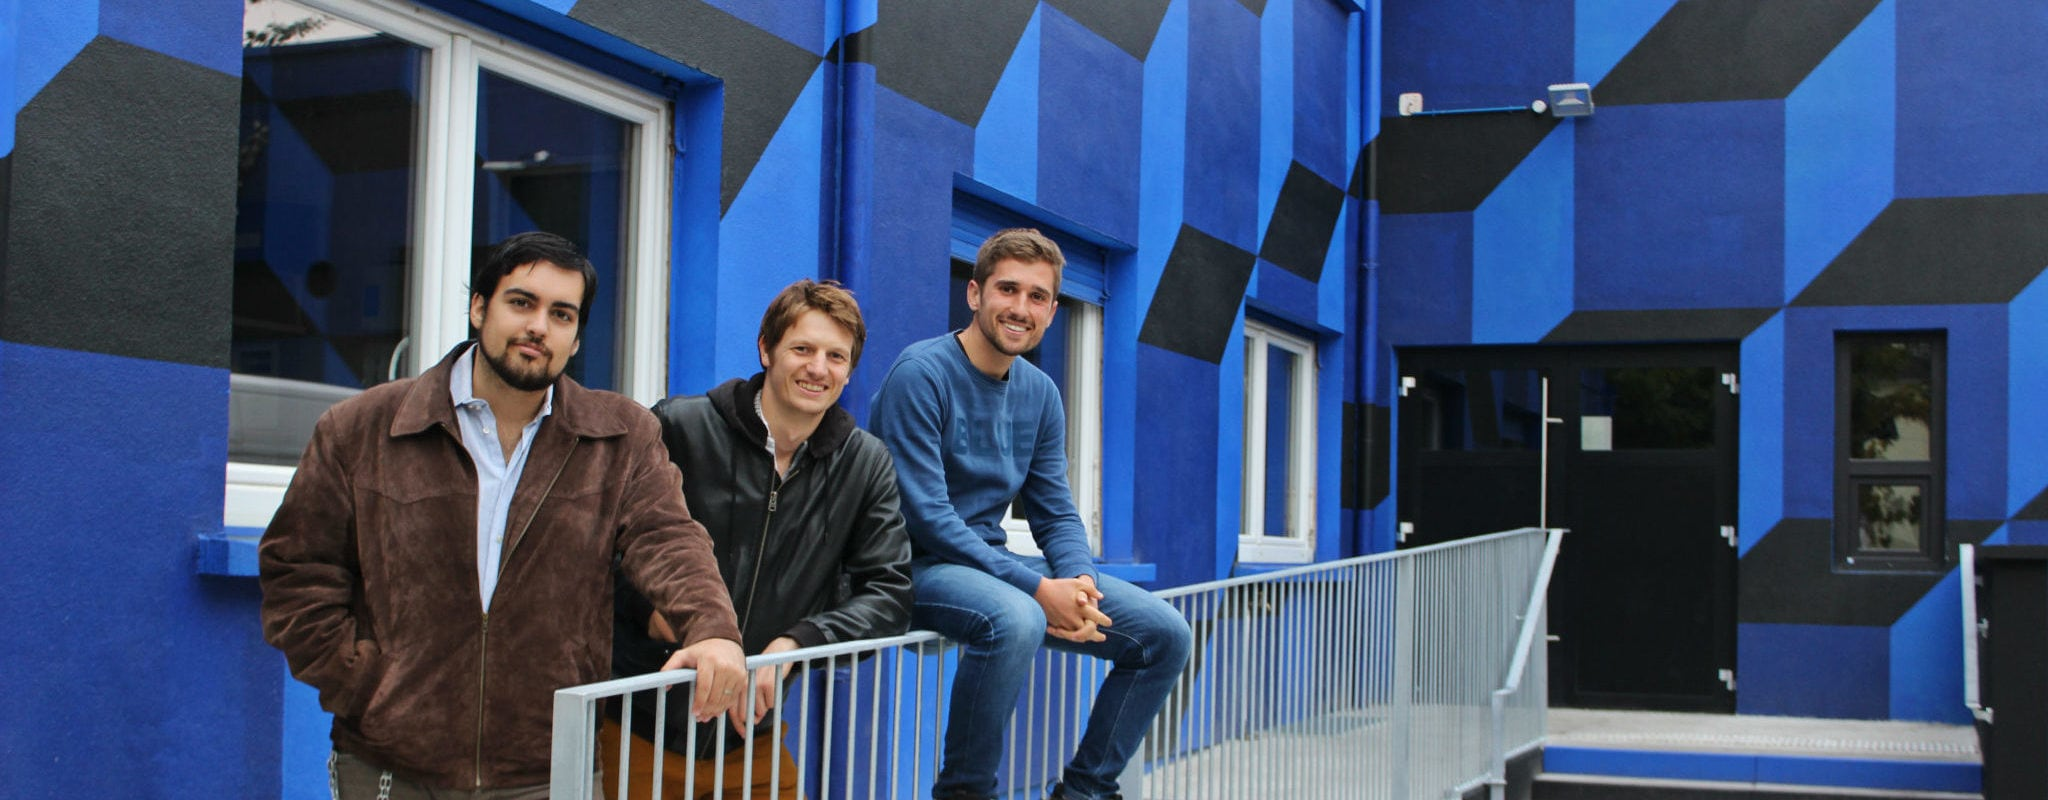 Une nouvelle salle de concert pour un nouveau podcast, 89dB est en direct de la Maison Bleue vendredi